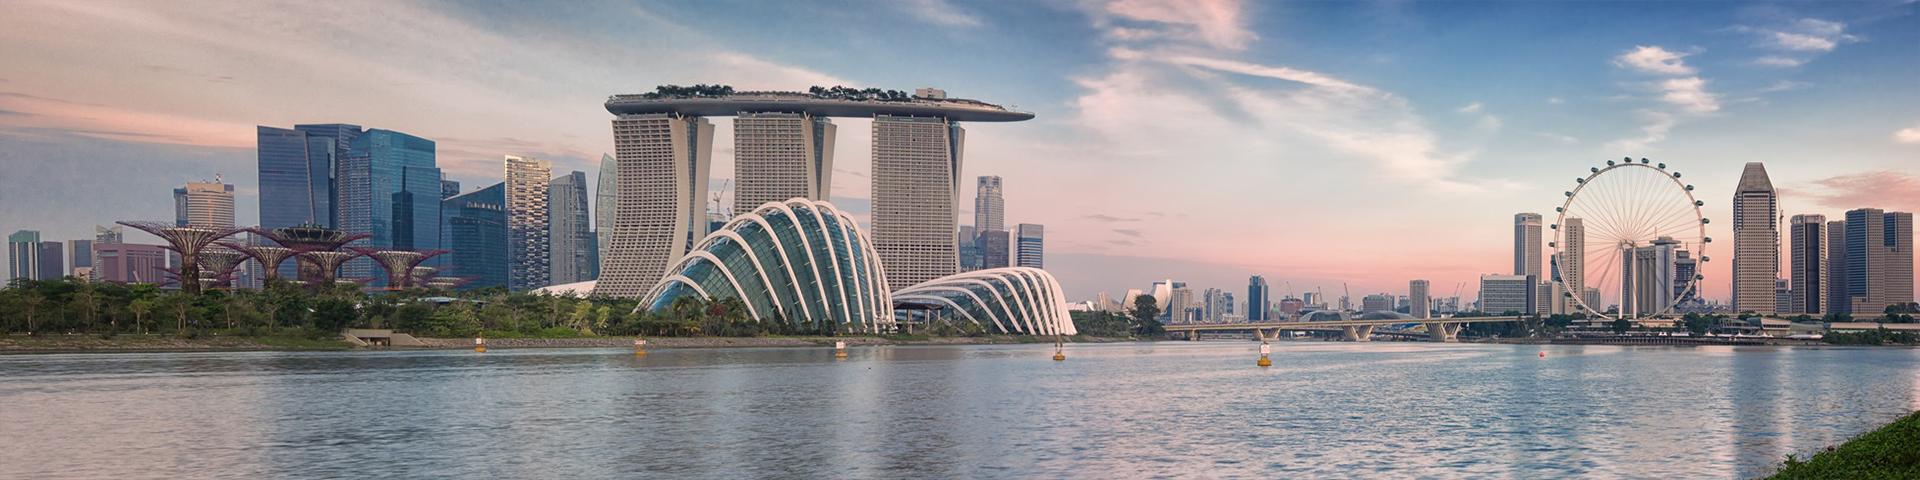 تورهای کوالا و بالی و سنگاپور همیشه سفر